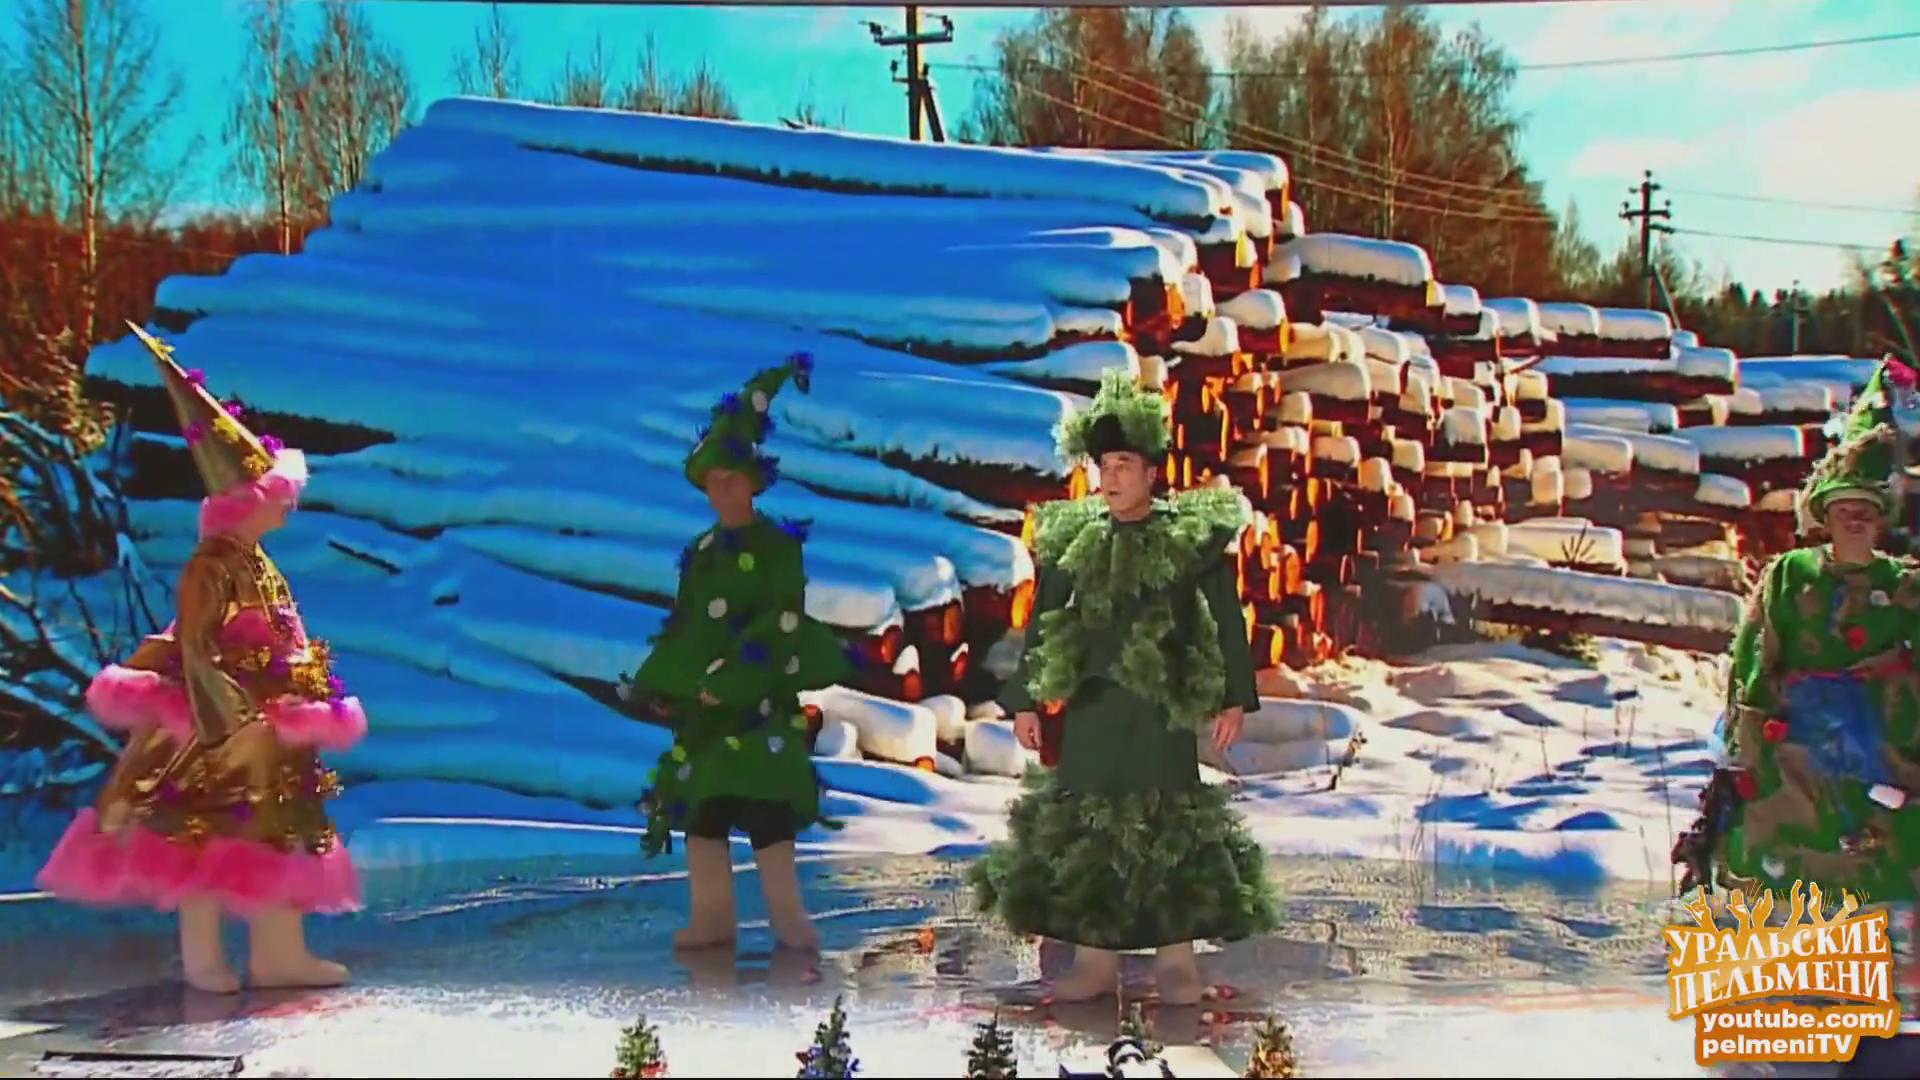 Скриншот Уральские пельмени. Когда носы в 12-ть бьют! (31.12.2014)